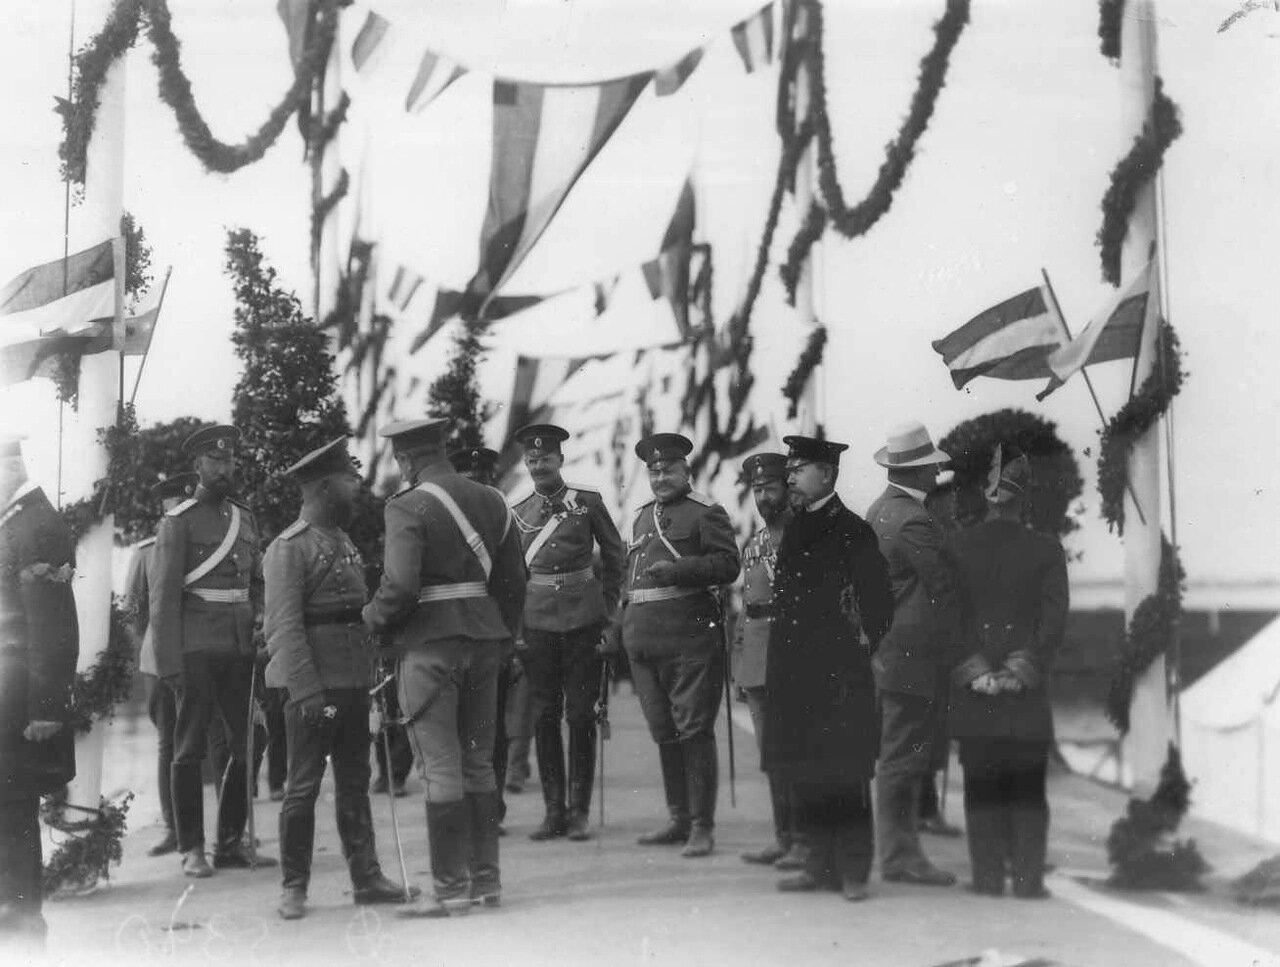 04. Группа офицеров у пристани в ожидании прибытия германского императора Вильгельма II.